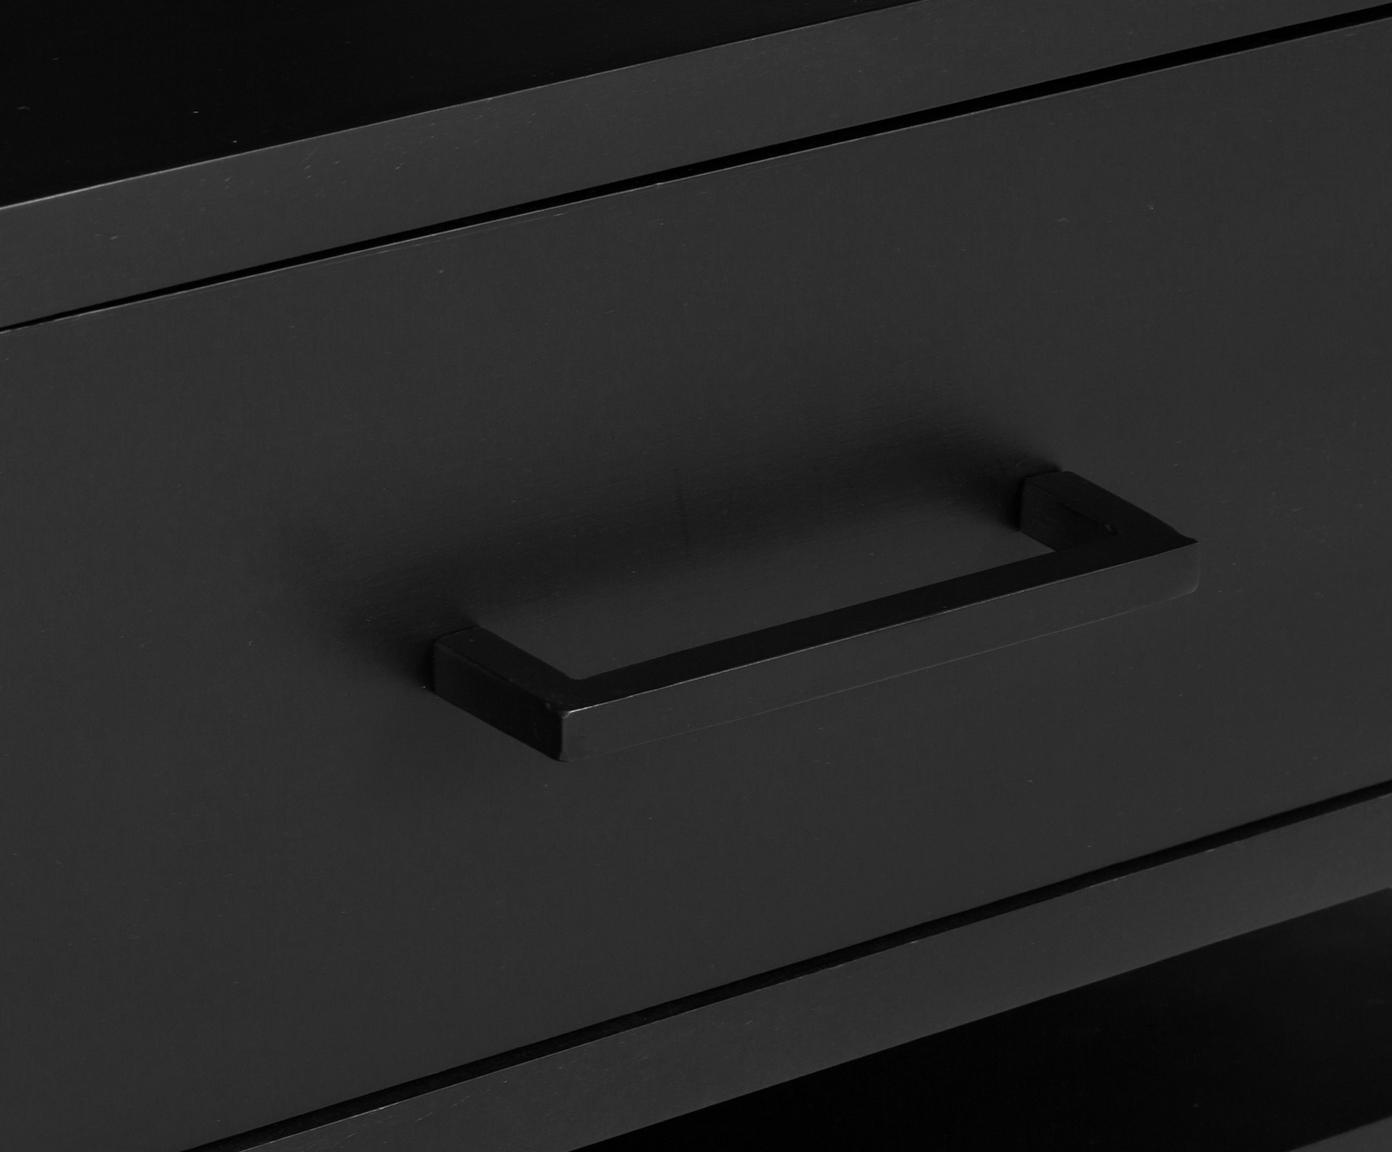 Szafka nocna ze szklanym blatem Lyle, Blat: szkło, Drewno mangowe, czarny, lakierowany, S 45 x W 58 cm